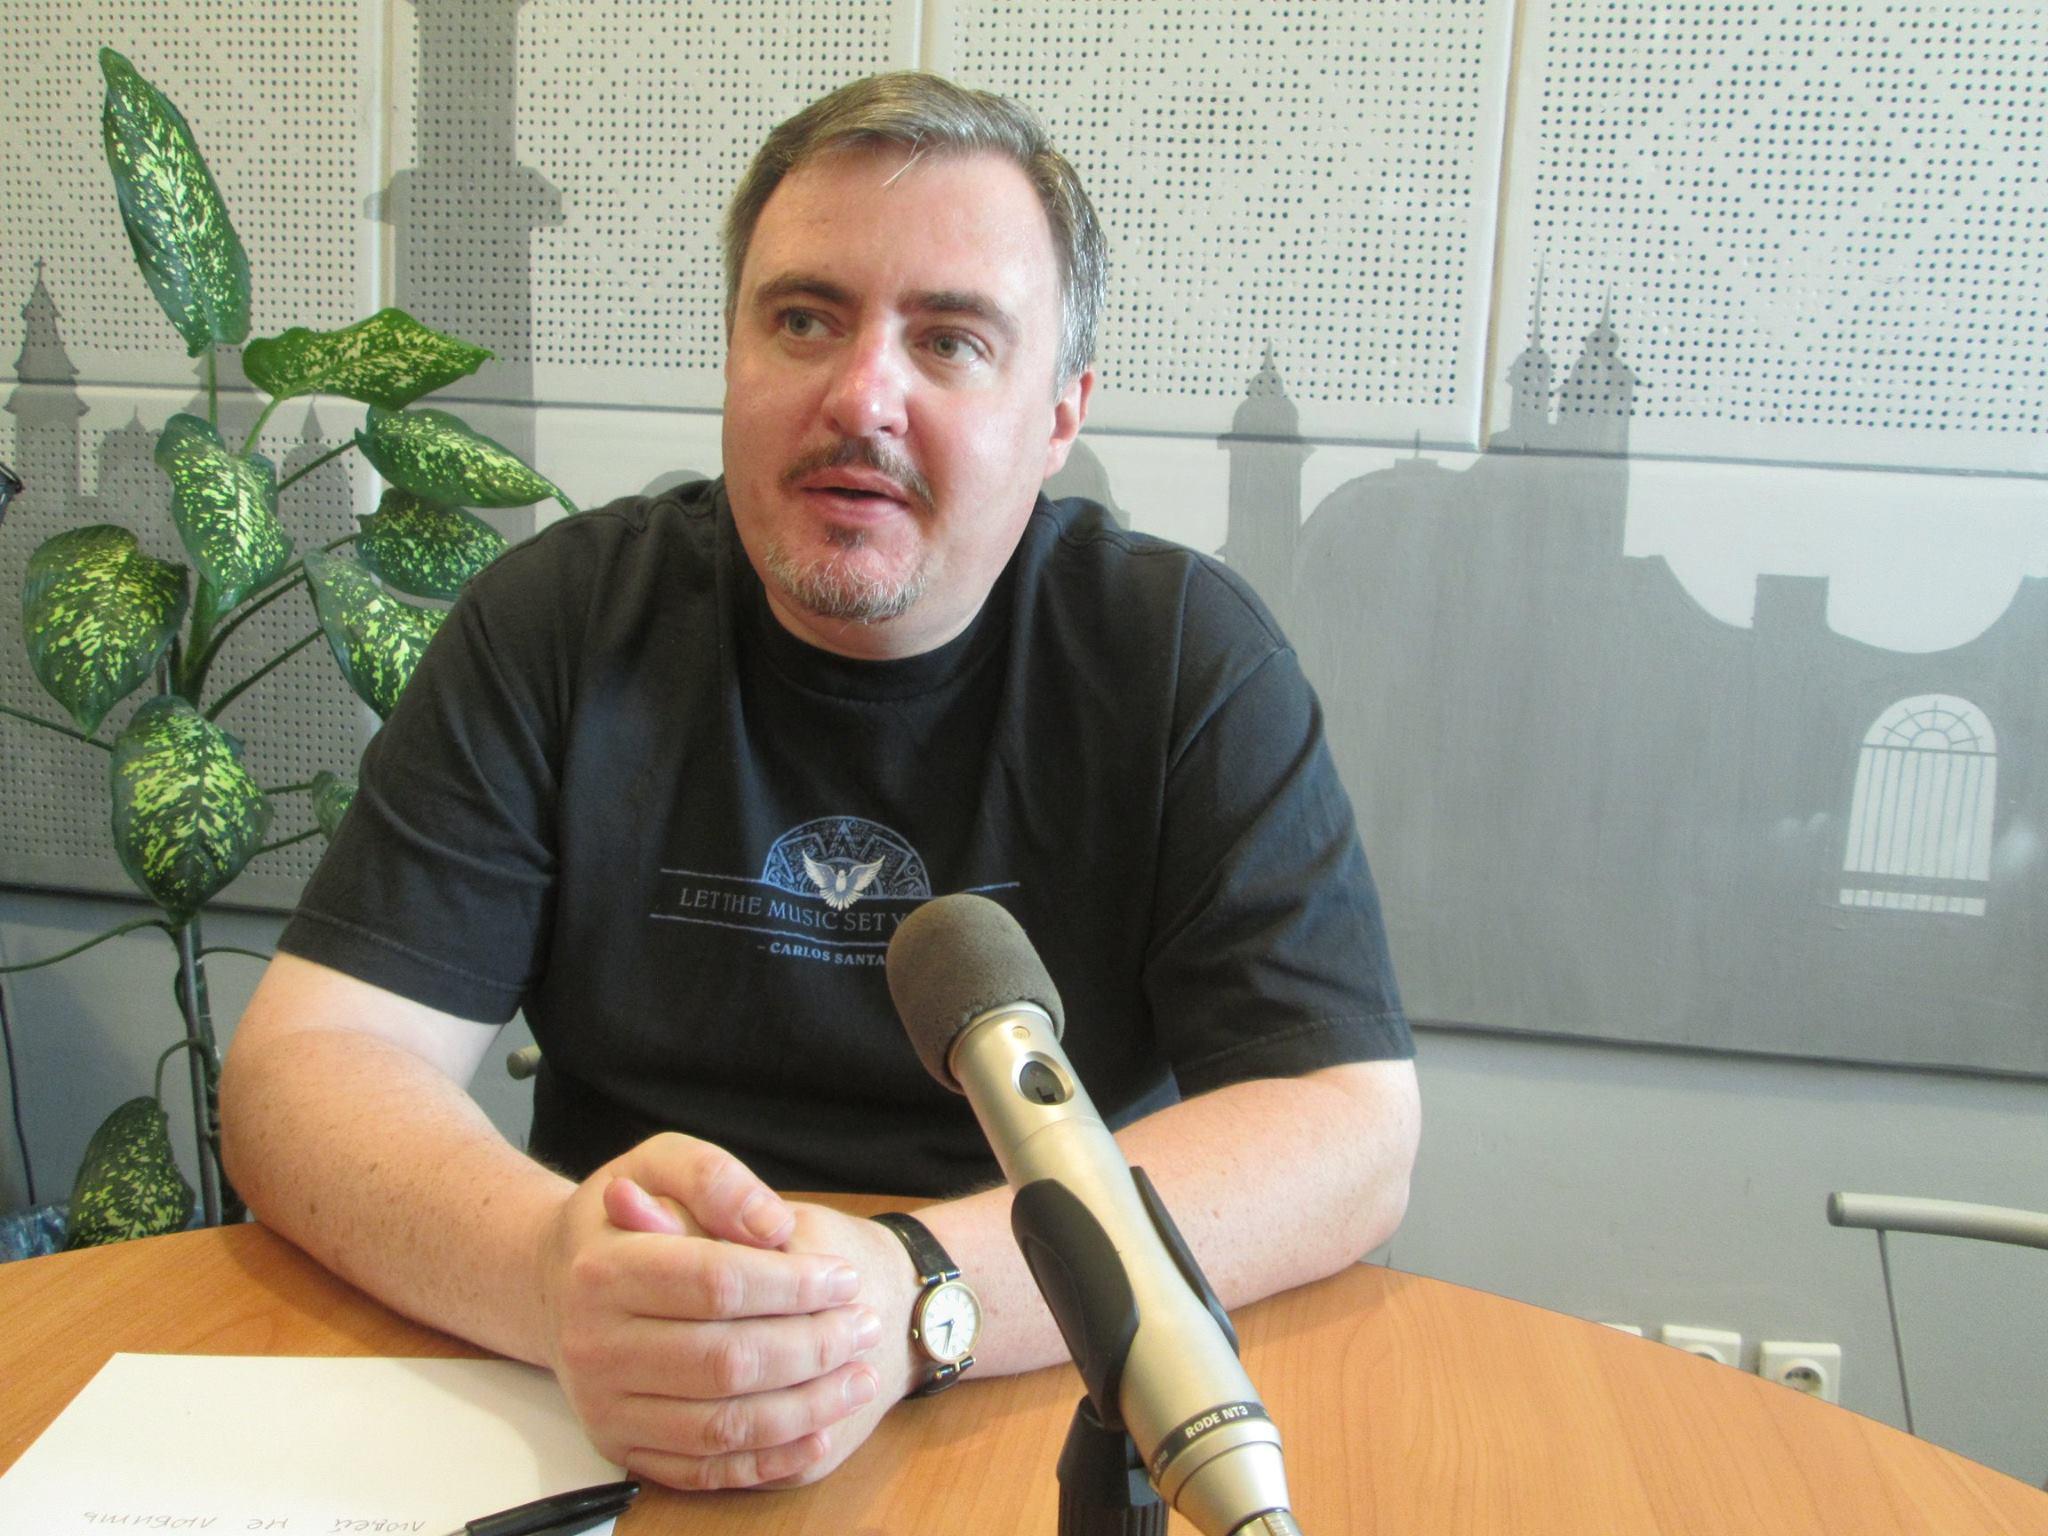 http://www.vezha.org/wp-content/uploads/2016/08/Myroslav-Koshyk.jpg